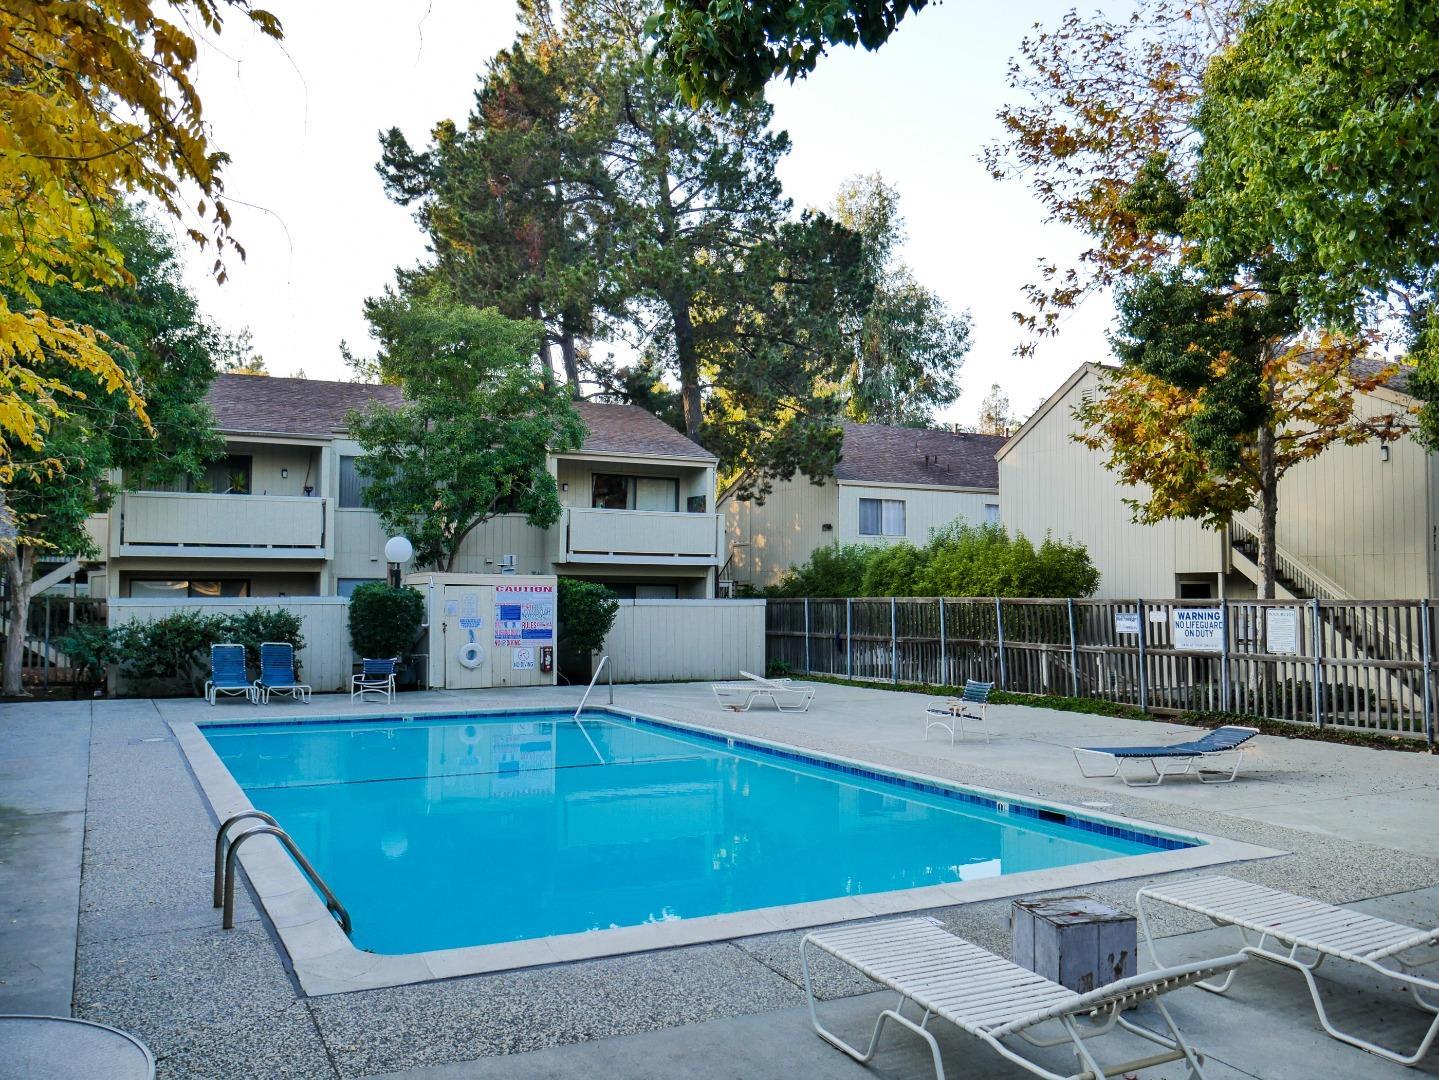 978 Kiely Boulevard Unit D Santa Clara, CA 95051 - MLS #: ML81734041